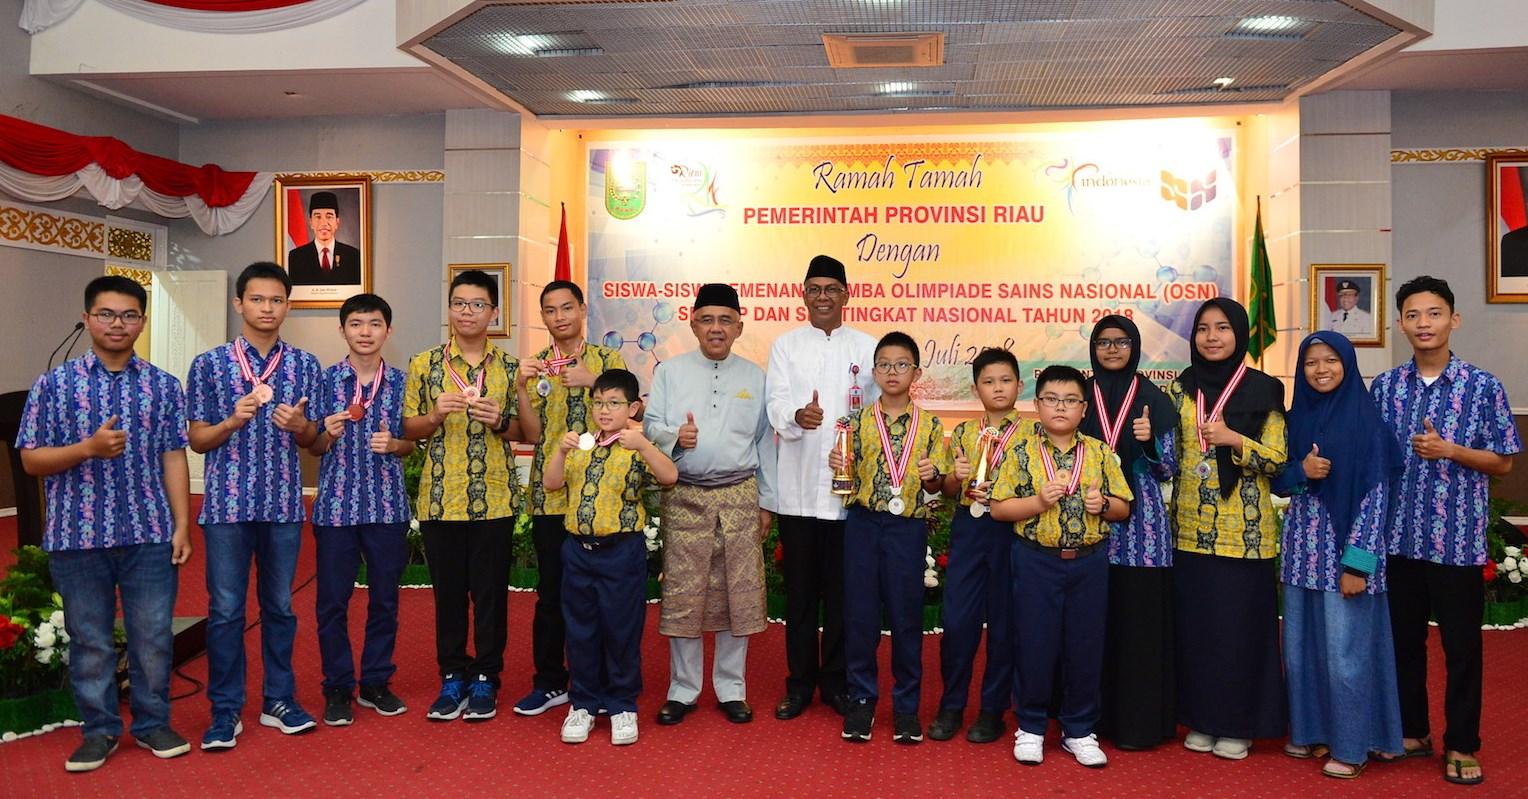 Gubri H Arsyadjuliandi Rachman Hadiri Ramah Tamah Pemprov. Riau Dengan Siswa/i Pemenang Lomba Olimpiade Sains Nasional, Di Gedung Daerah Balai Pauh Janggi Pekanbaru